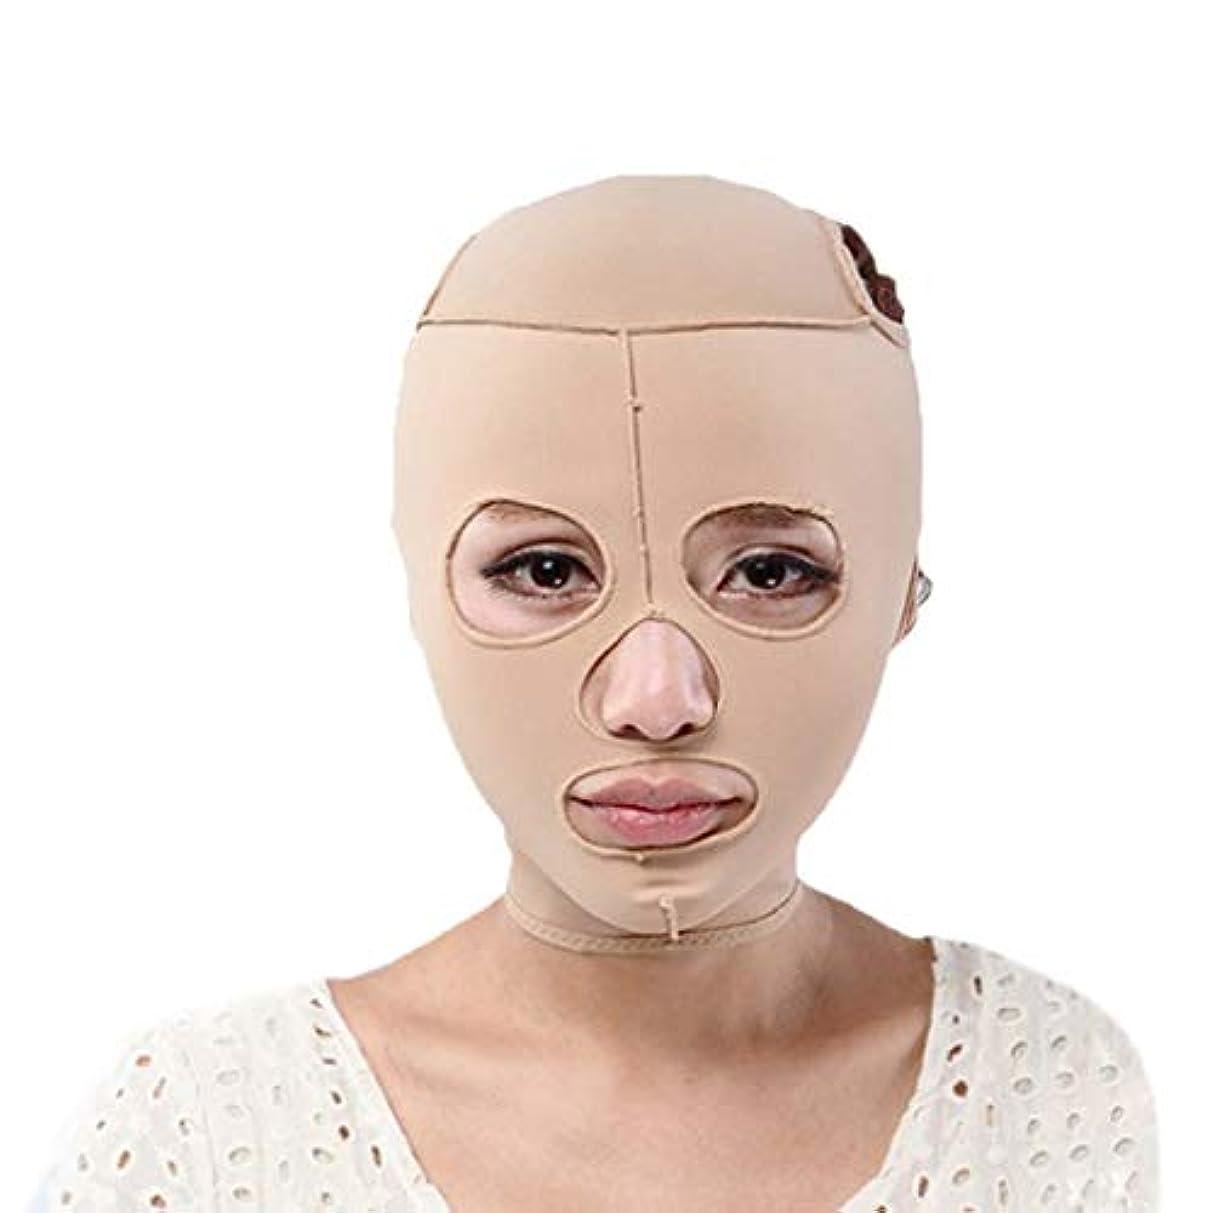 ゴミ箱を空にする耐久リズムチンストラップ、顔の減量アンチシワマスク、快適な通気性マスク付きオールインクルーシブフェイス、薄型フェイスマスクリフティング包帯引き締め(サイズ:S),M